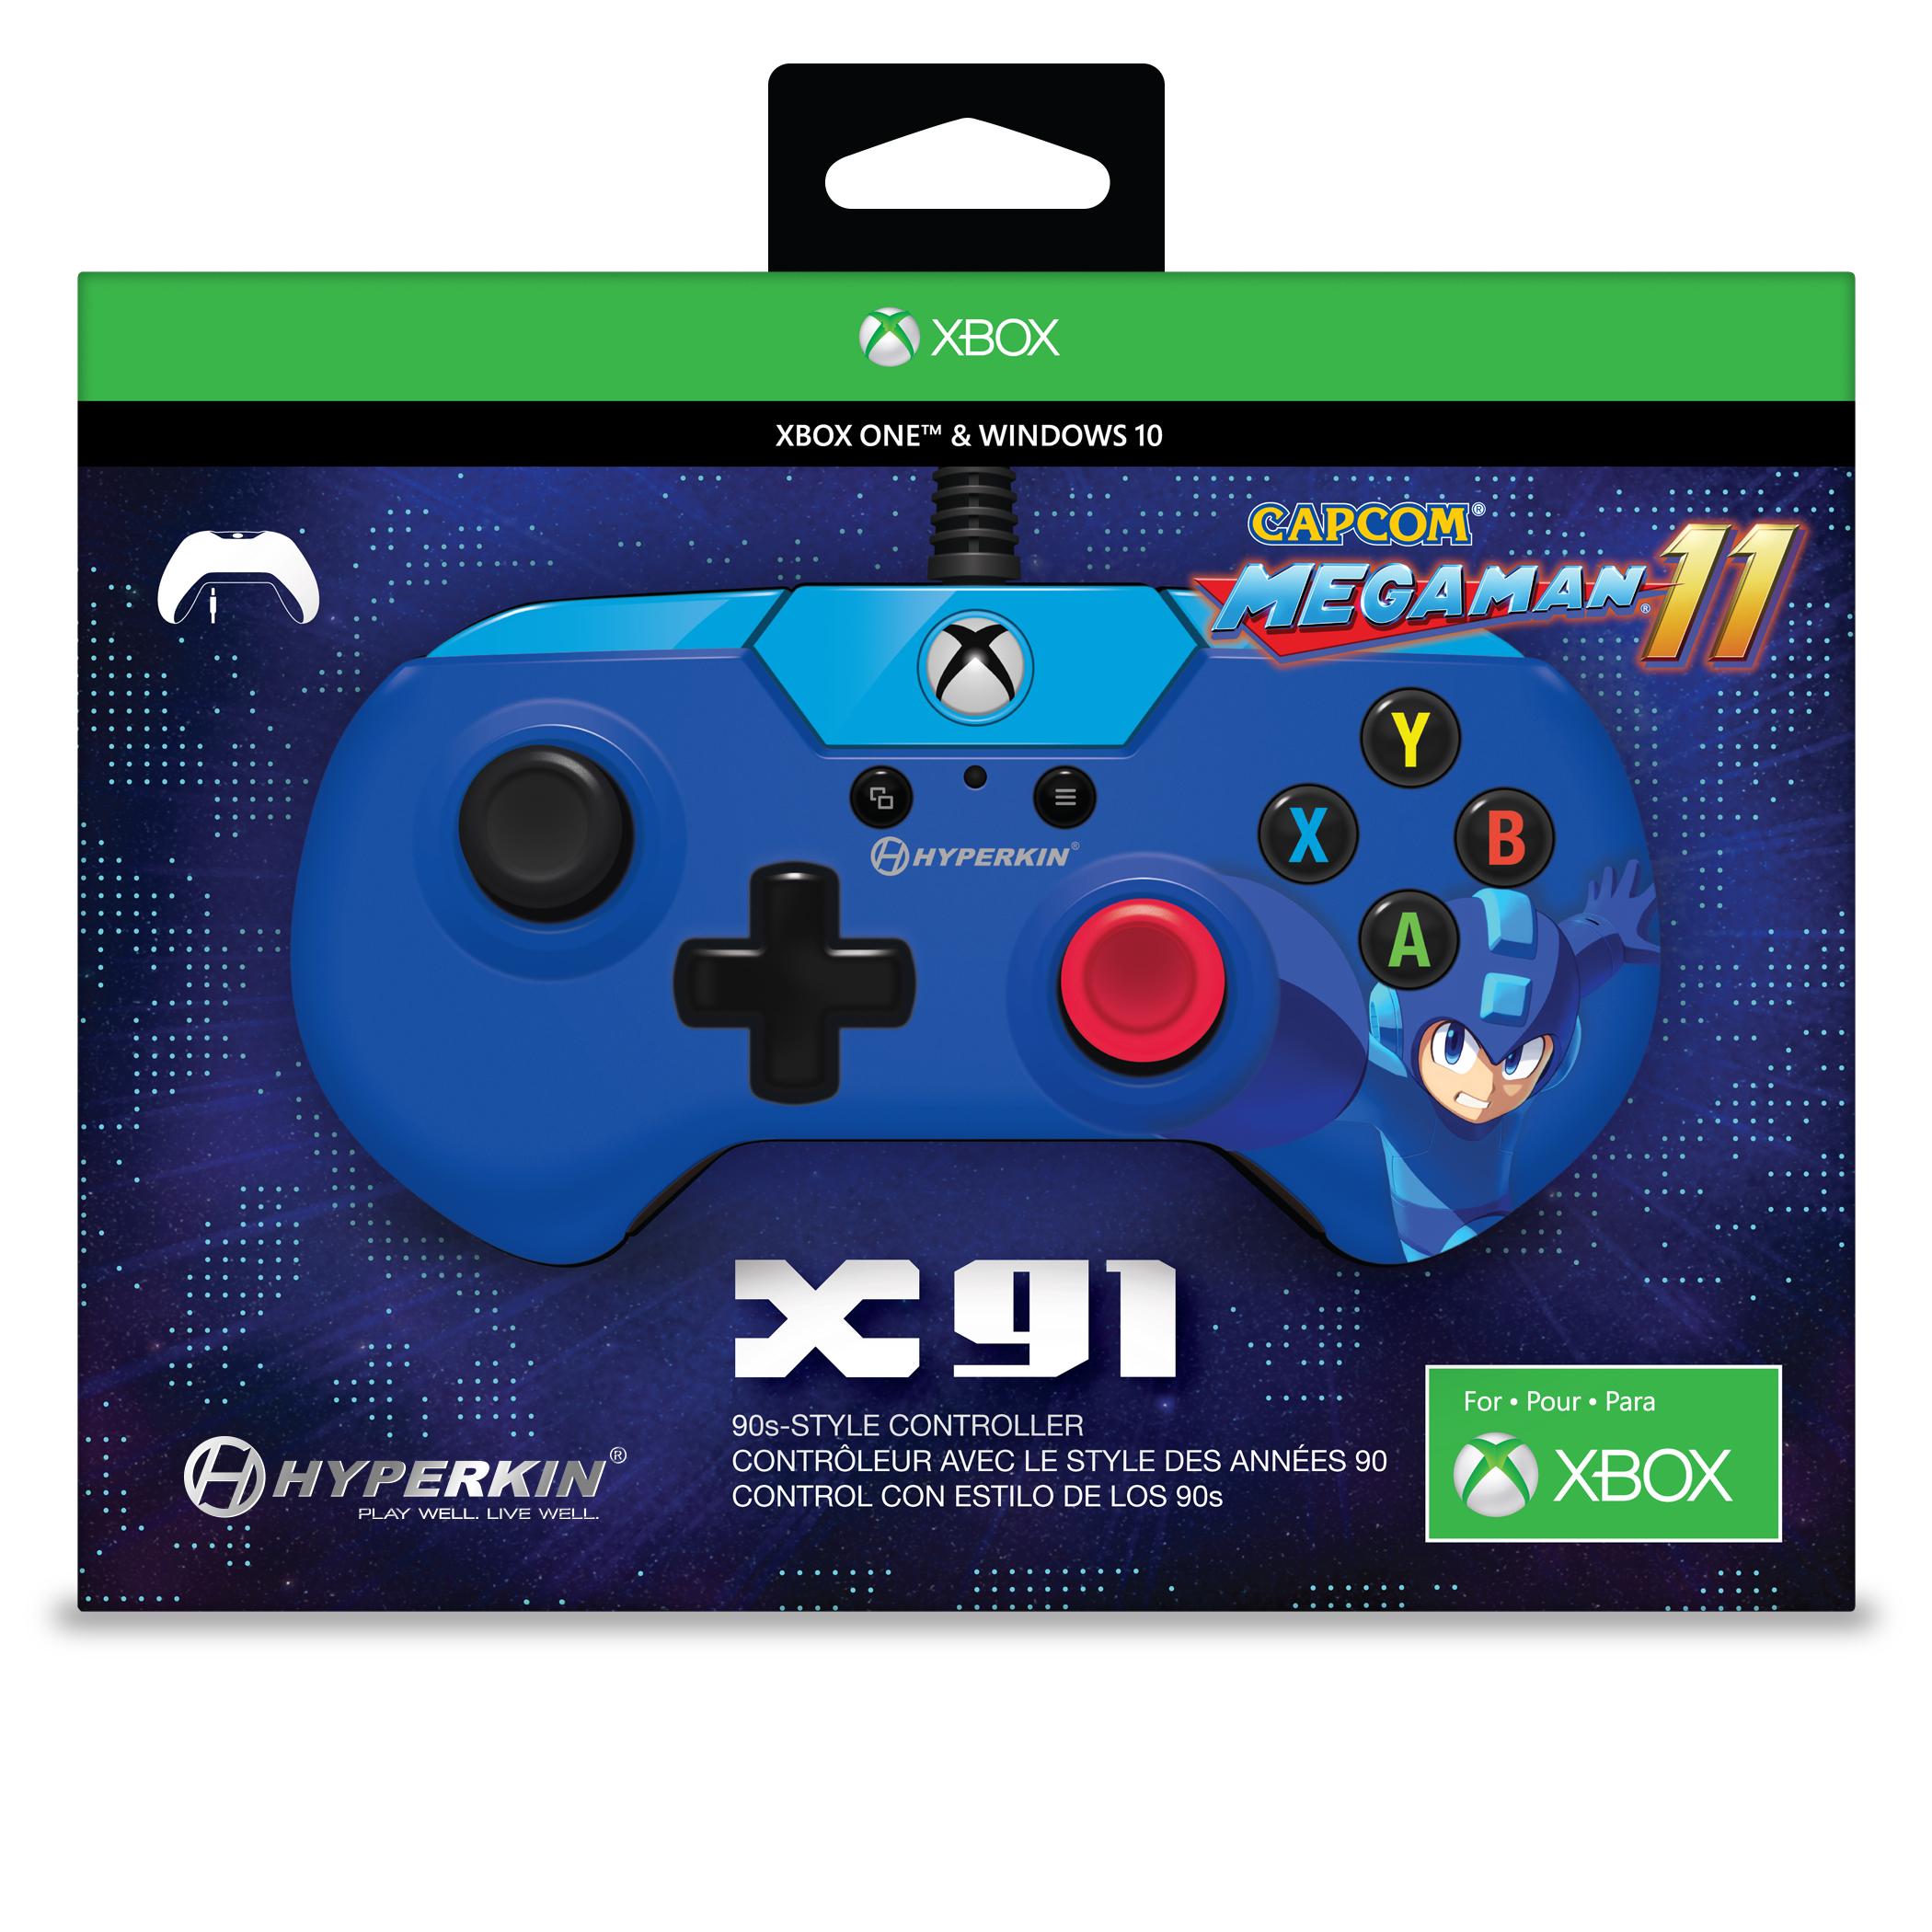 Hyperkin X91 Controller [Mega Man 11 Edition] - Xbox One | PC